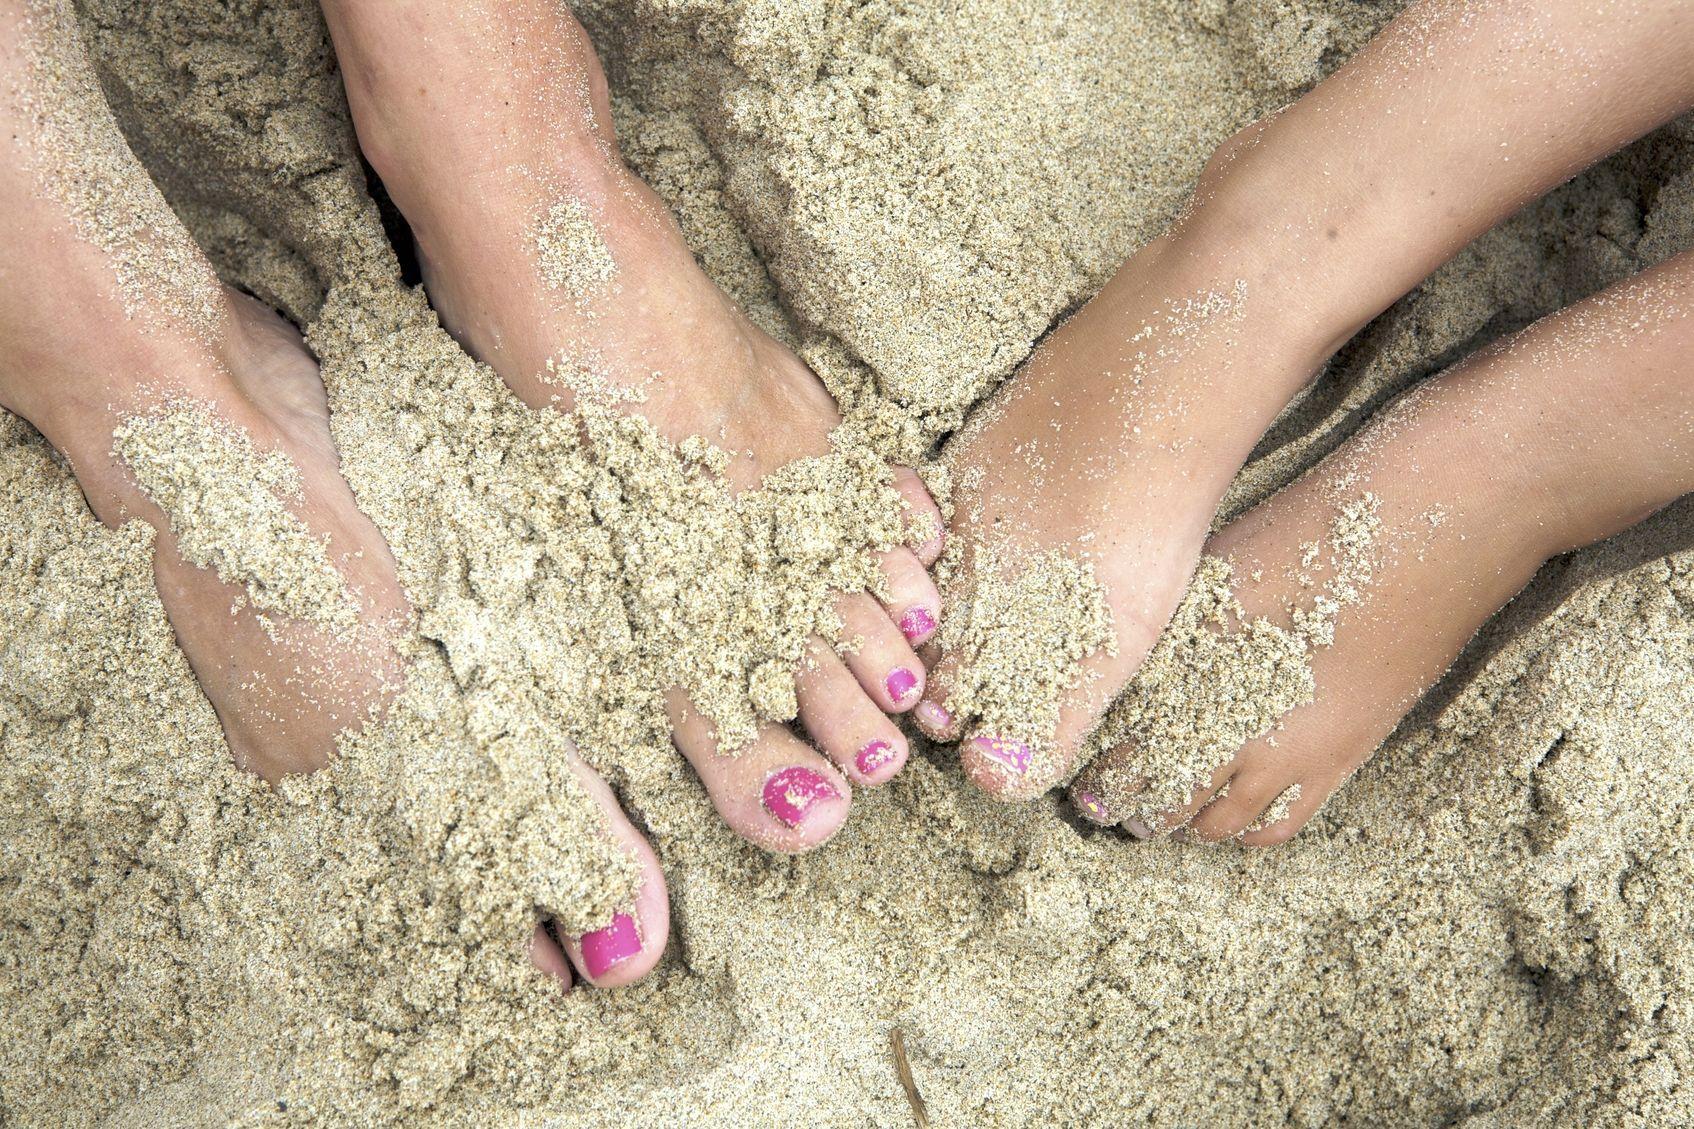 Plage : les maladies qui peuvent s'attraper dans le sable - Doctissimo